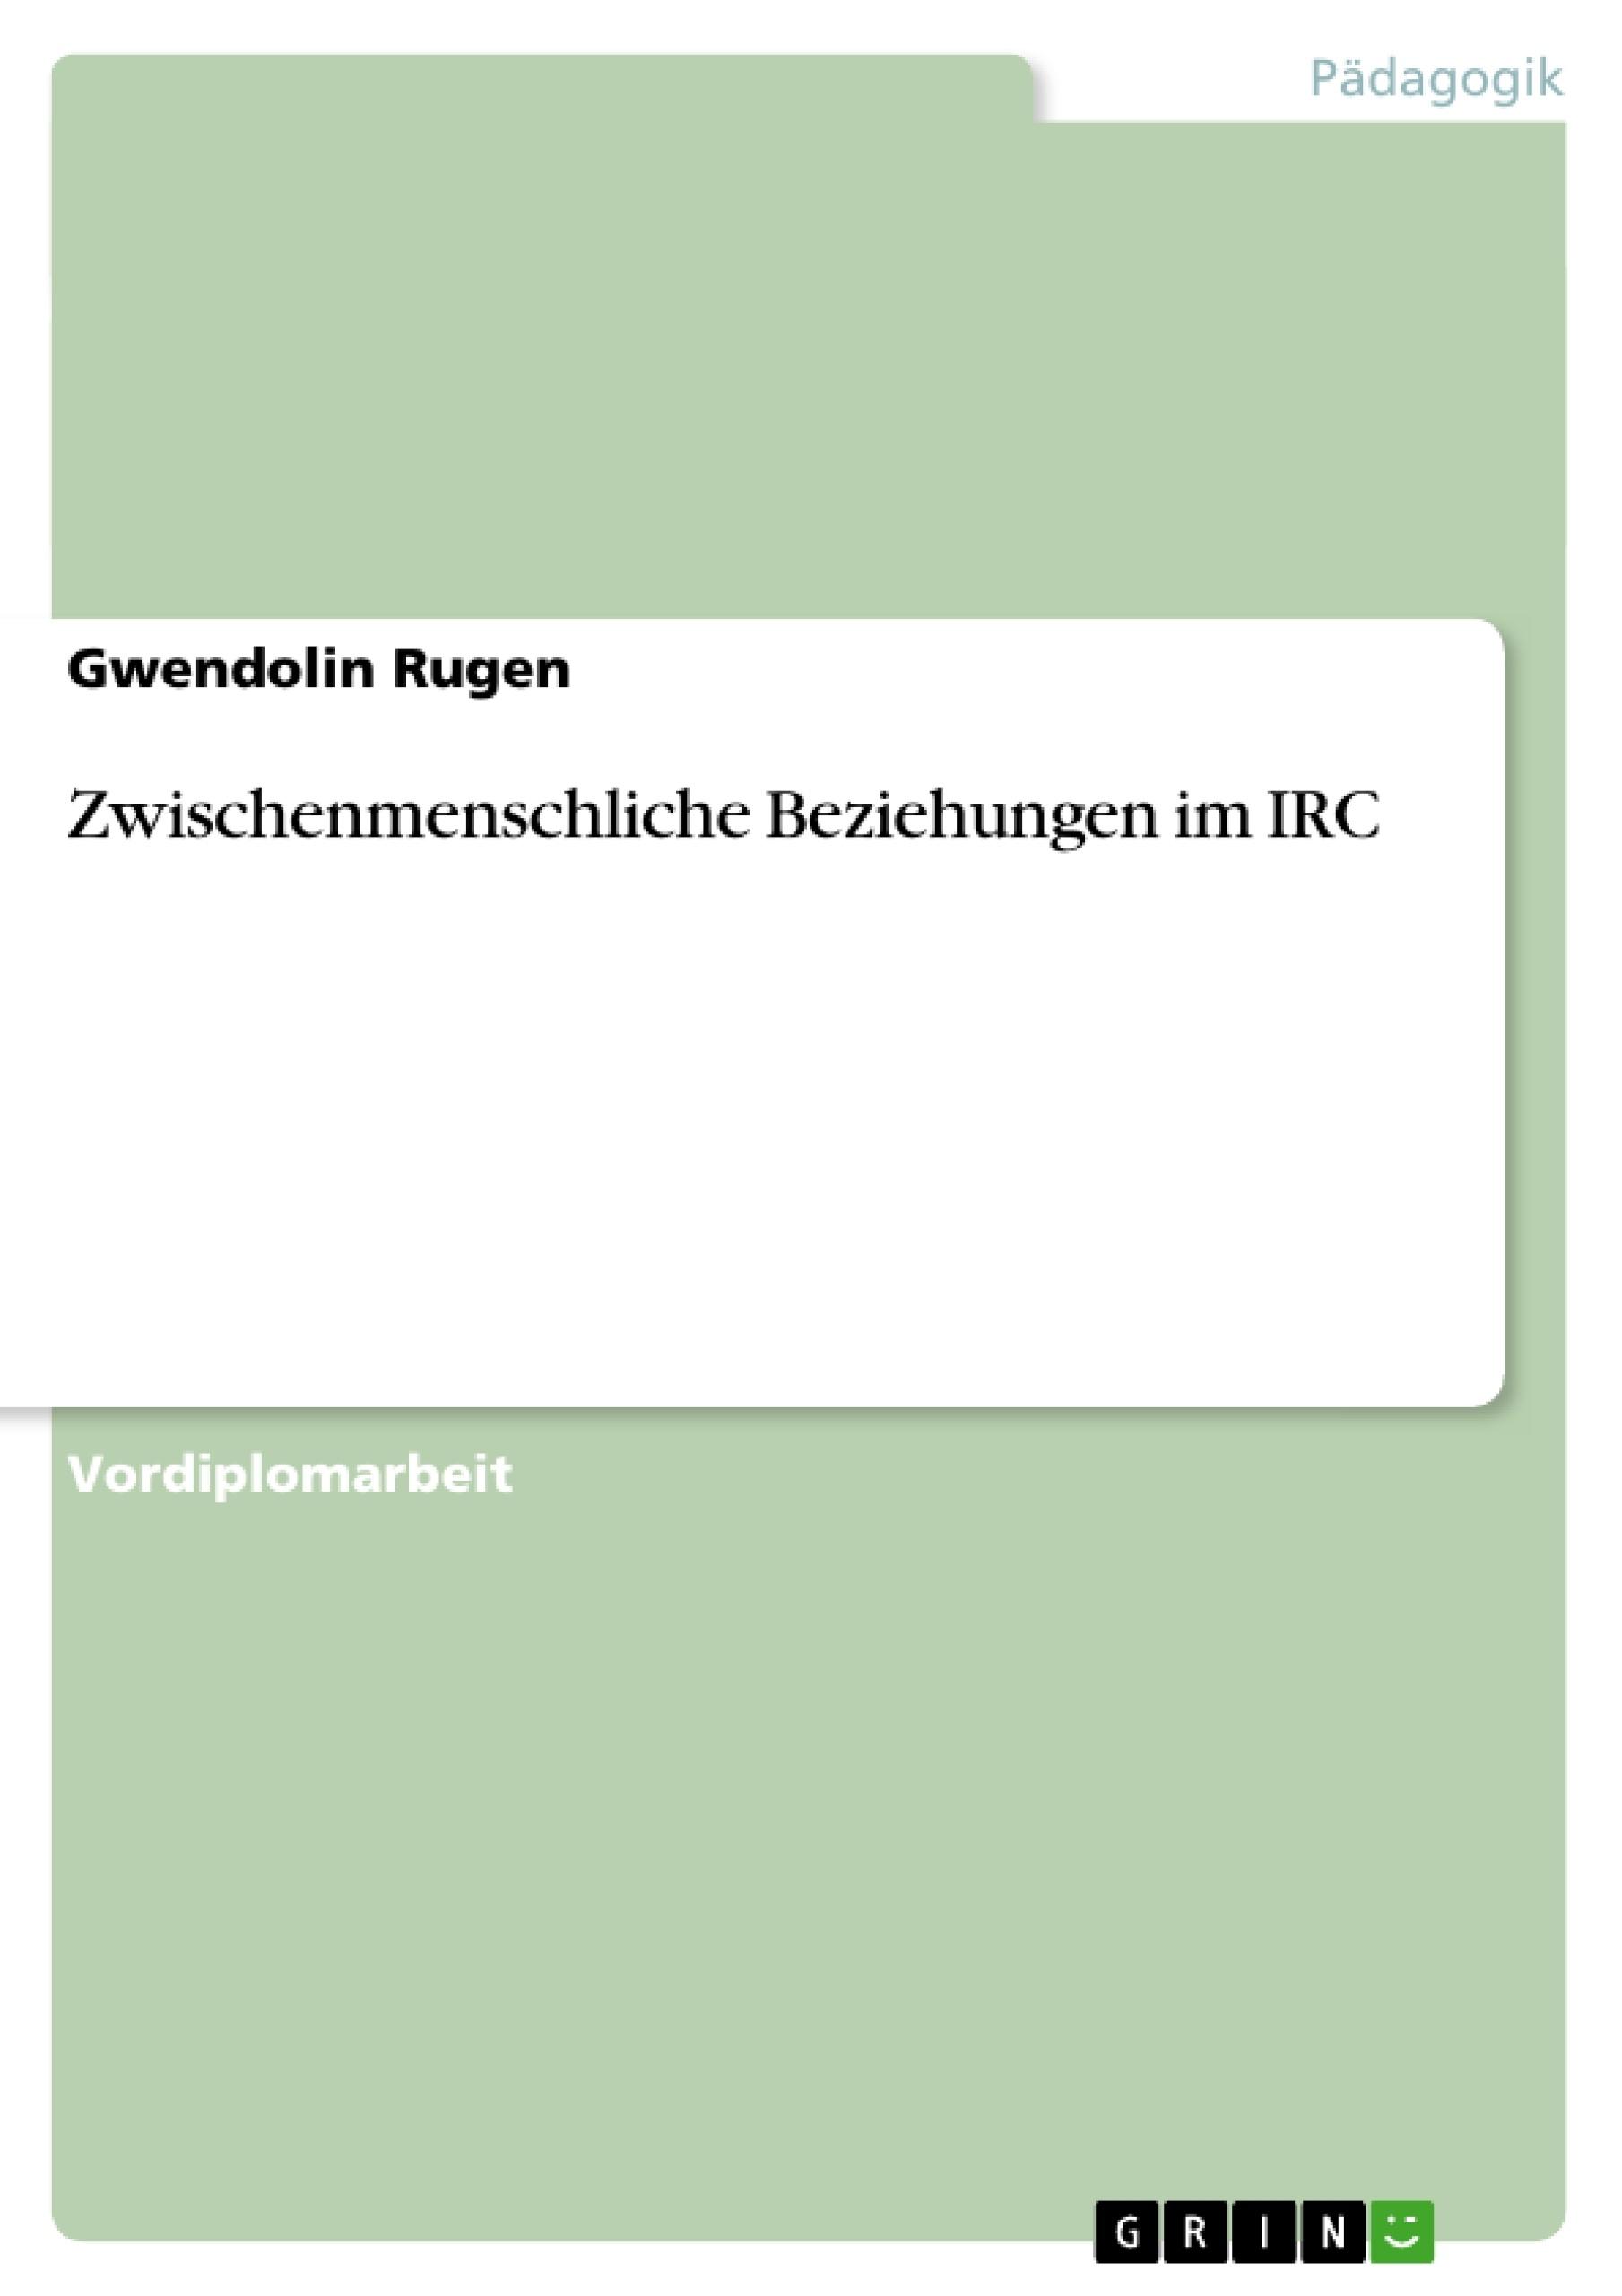 Titel: Zwischenmenschliche Beziehungen im IRC